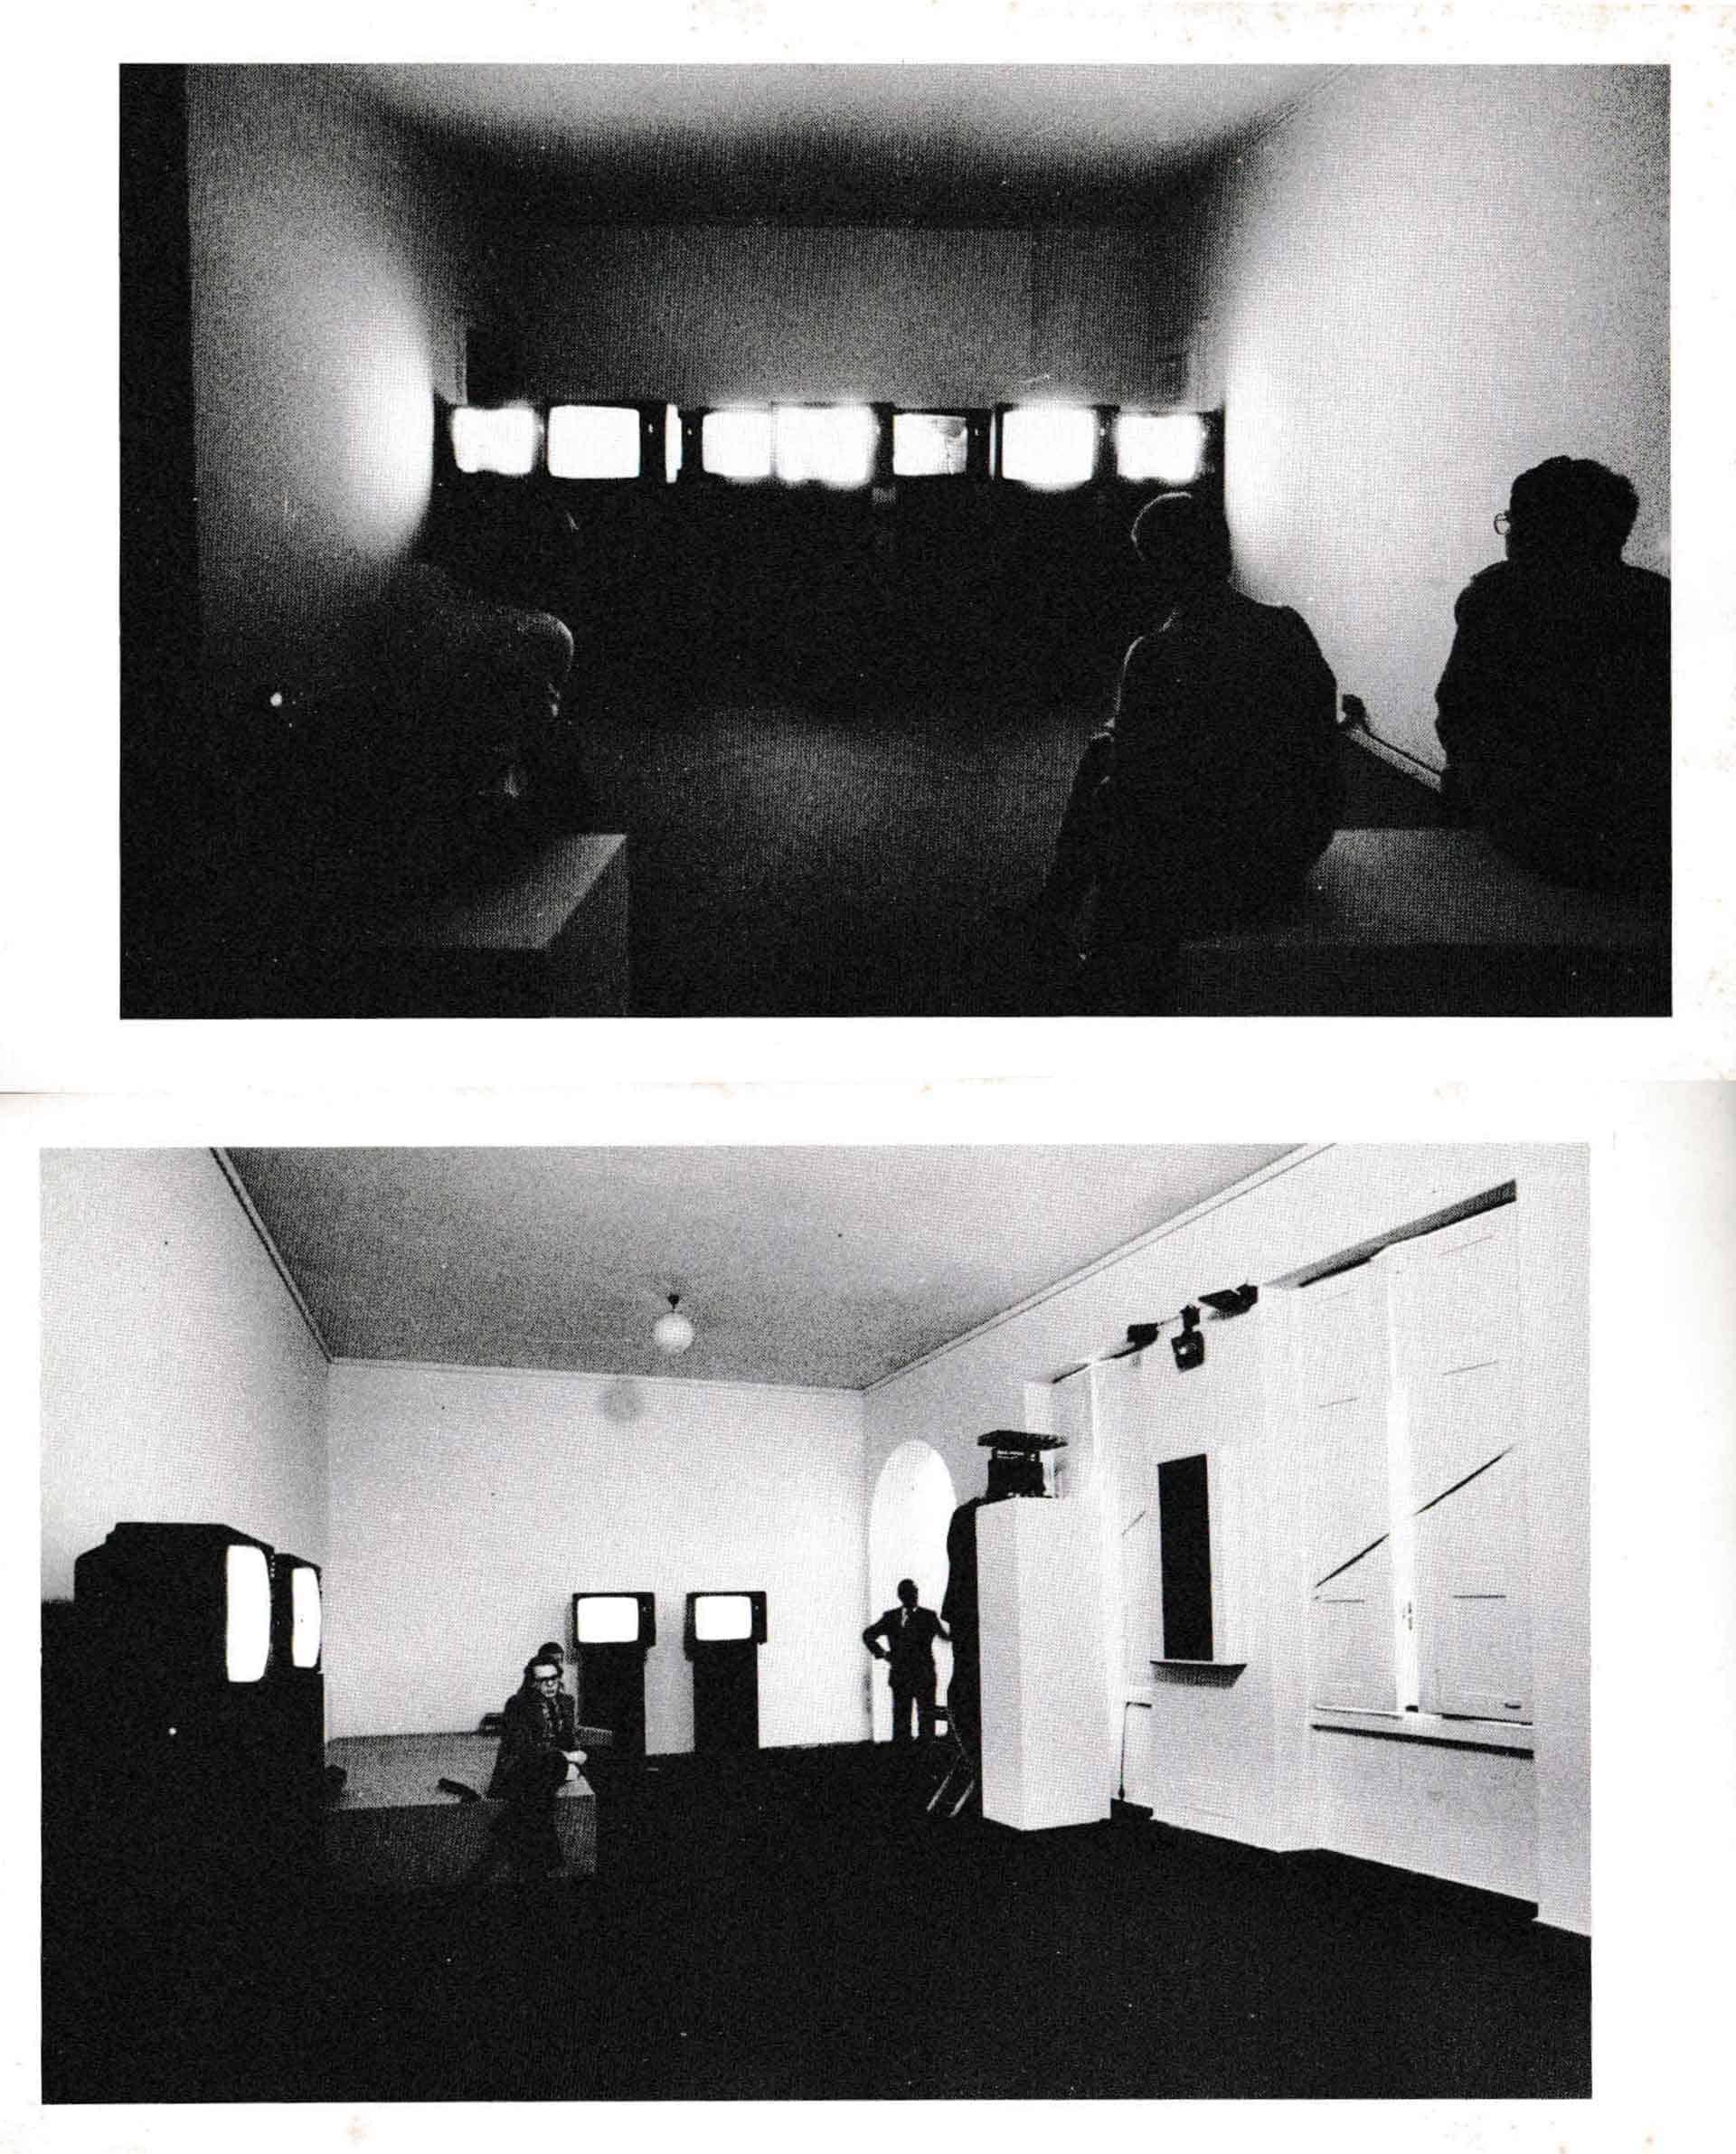 Pagine del catalogo della mostra «Camere incantate. Video, cinema, fotografia e arte negli anni '70», a cura di Vittorio Fagone, Palazzo reale, Milano, 16 maggio - 15 giugno 1980. In alto, installazione «Il tempo consuma» di Michele Sambin; in basso il VideoForum (1980).